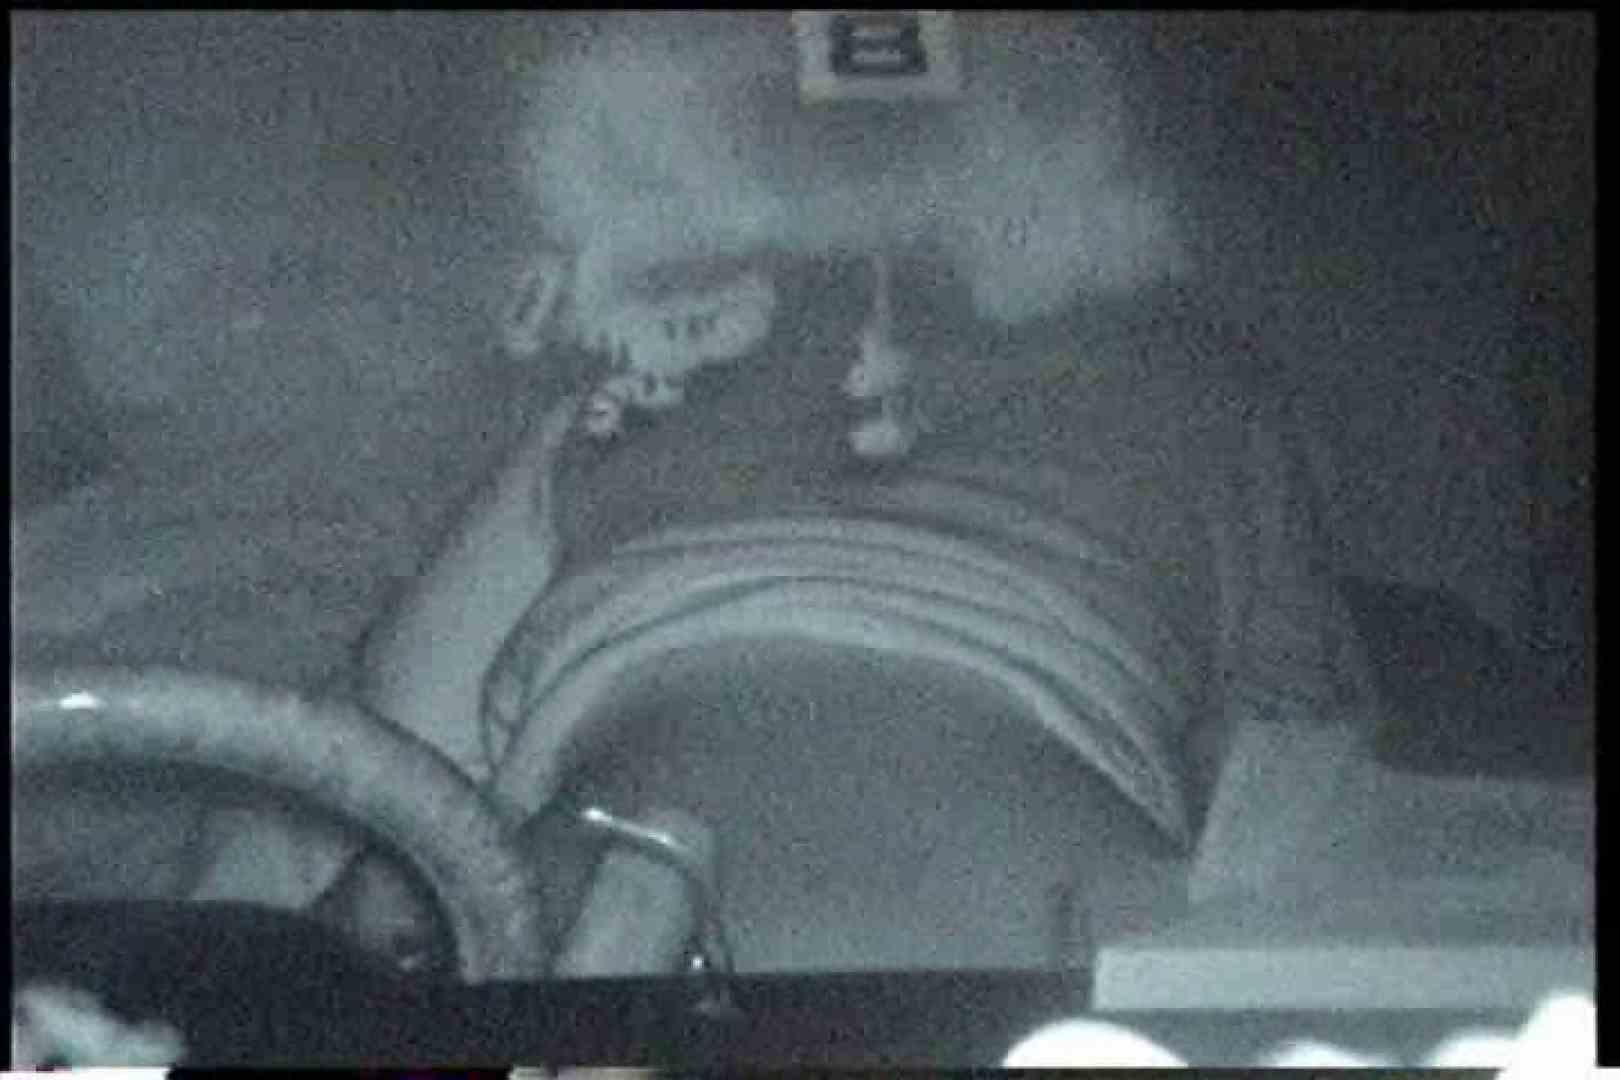 充血監督の深夜の運動会Vol.164 OLエロ画像  65PICs 20